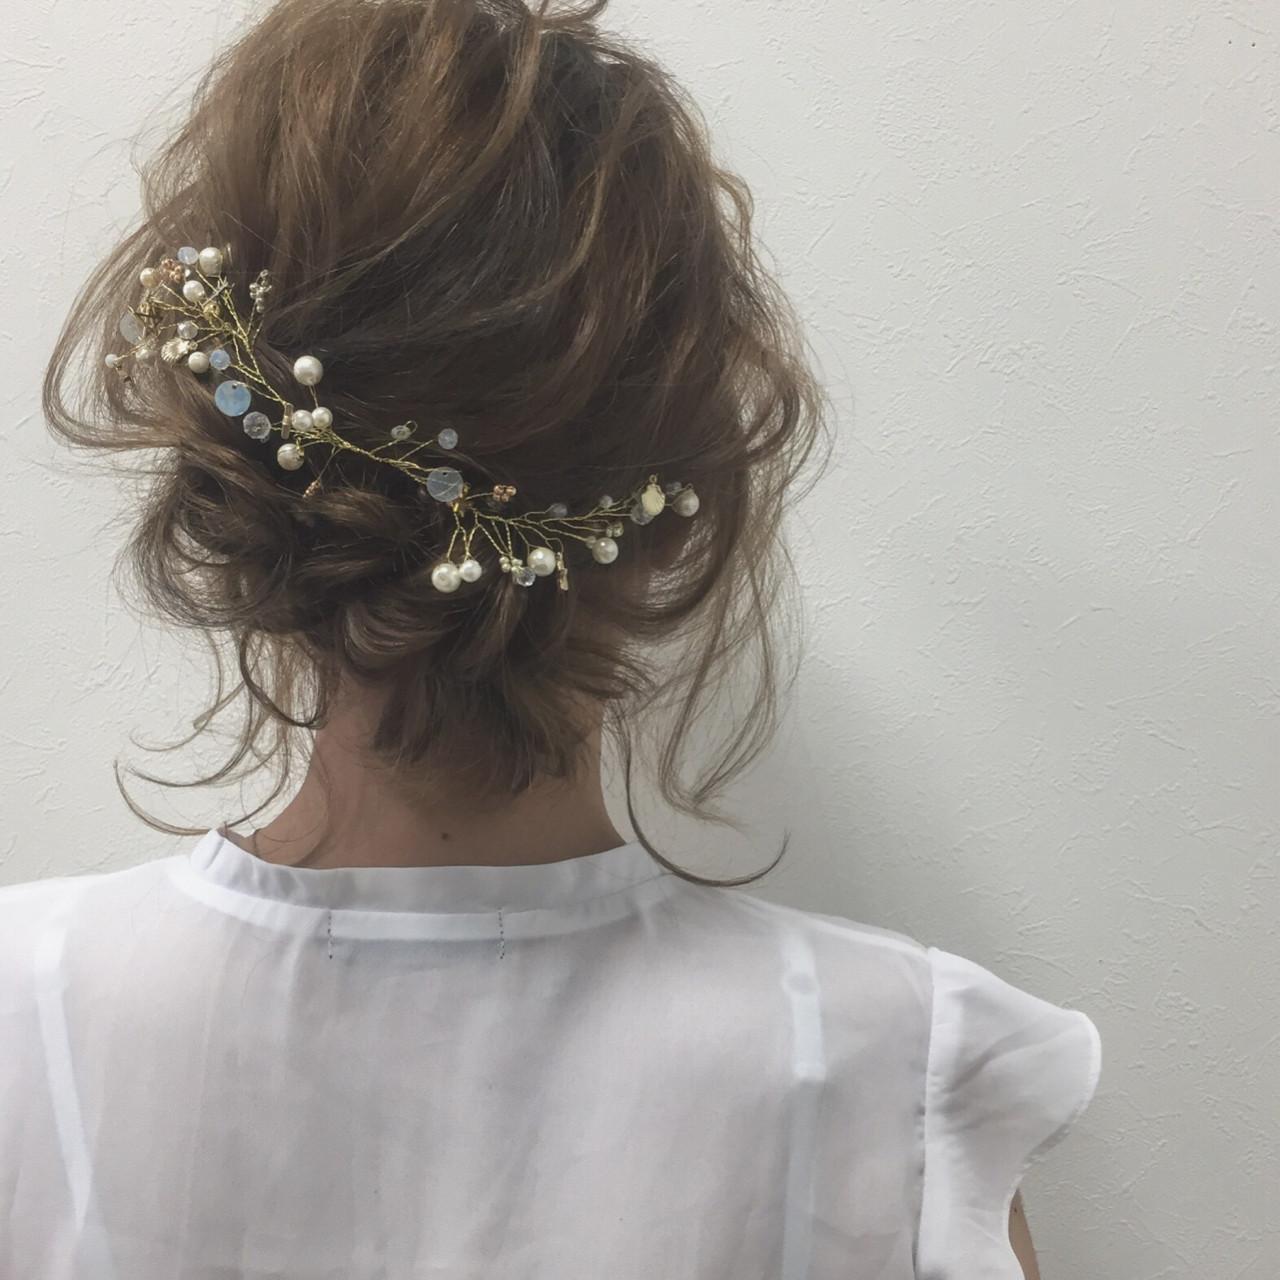 ふわふわ 色気 ショート ガーリーヘアスタイルや髪型の写真・画像